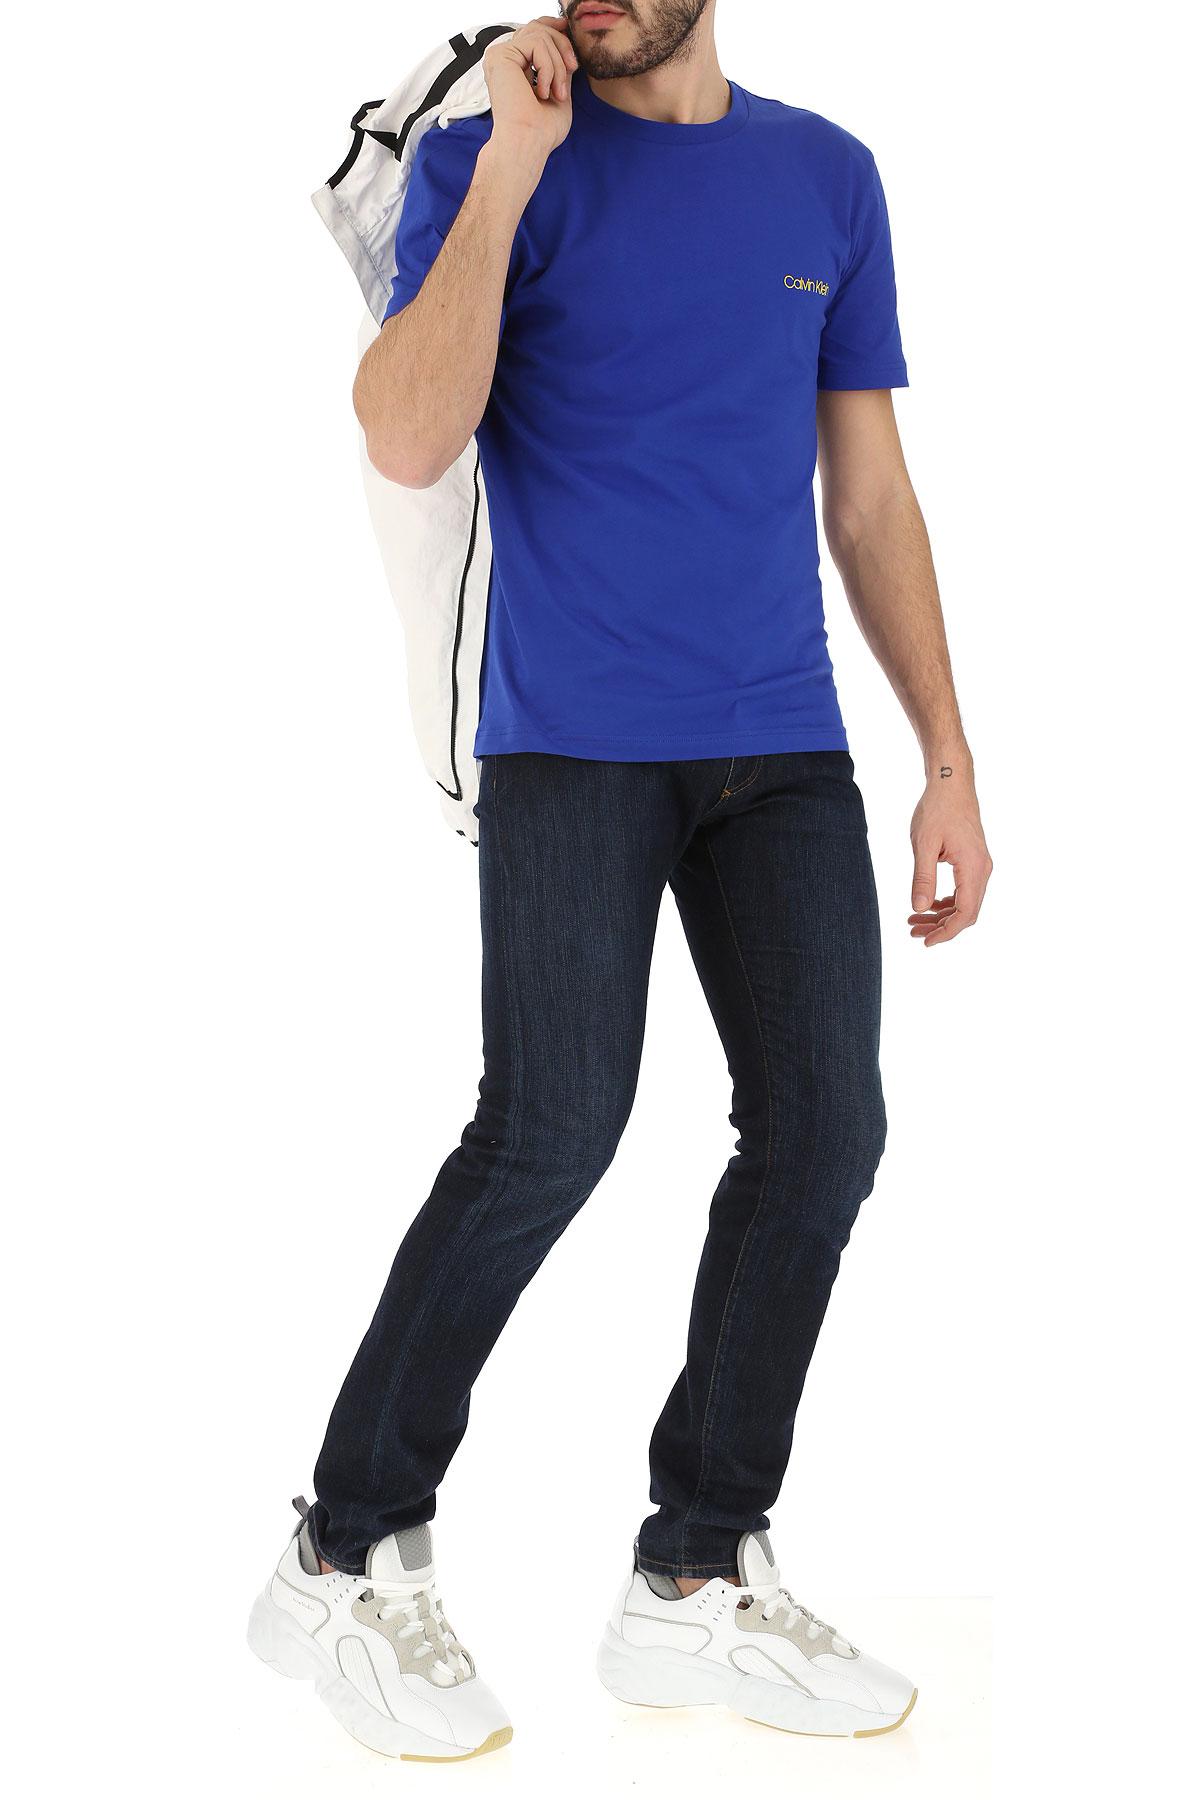 2019 Ropa Calvin Para Amarillo verano Primavera Azul Hombres Klein wxHgHYqFz